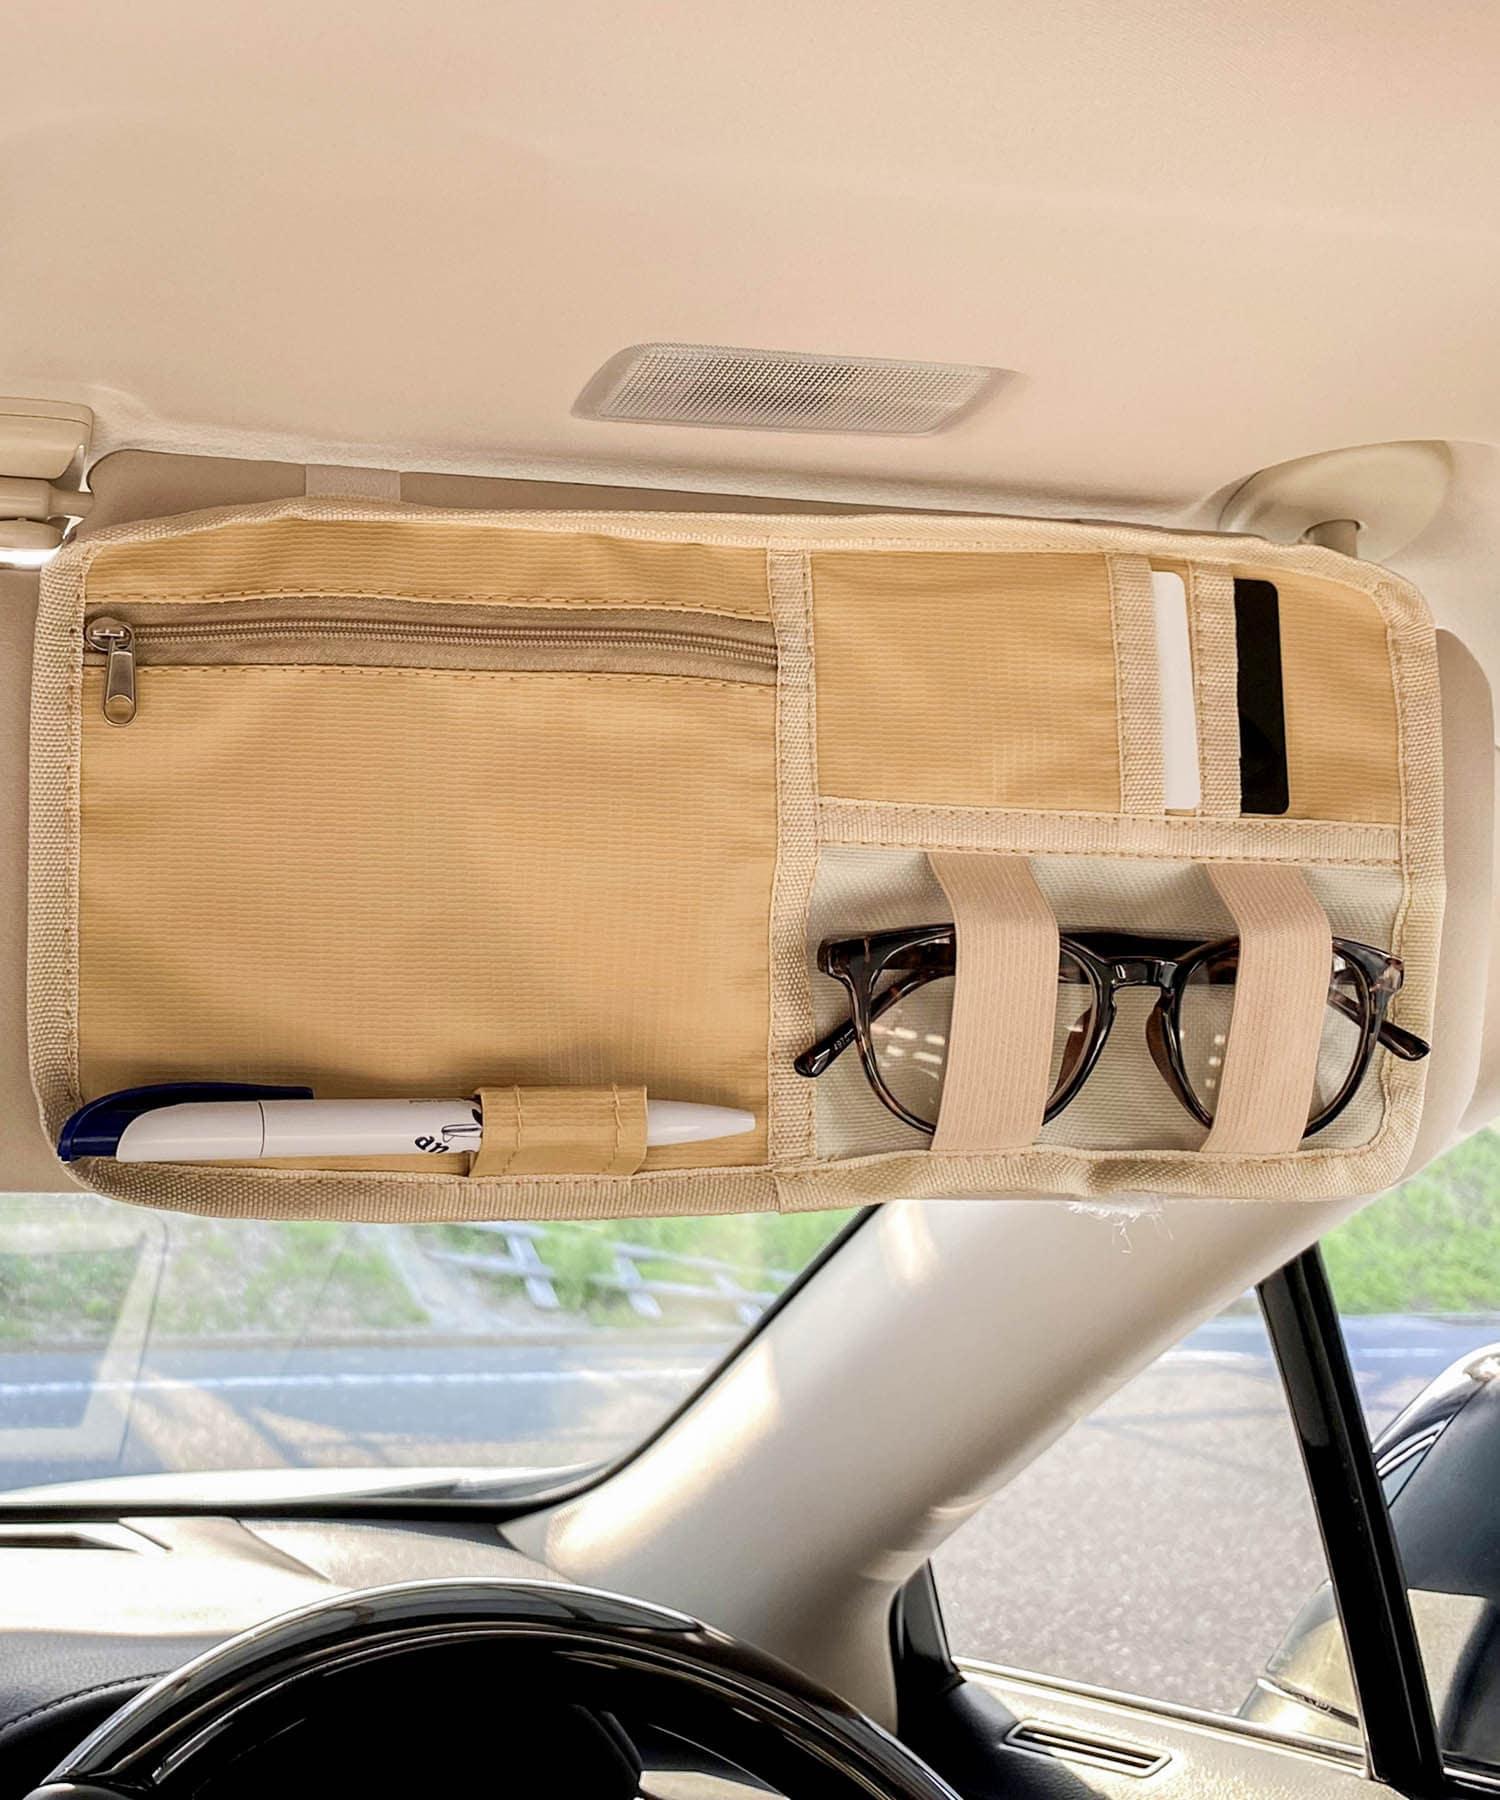 3COINS(スリーコインズ) ライフスタイル 【ドライブを快適に】CARサンバイザーポーチ アイボリー